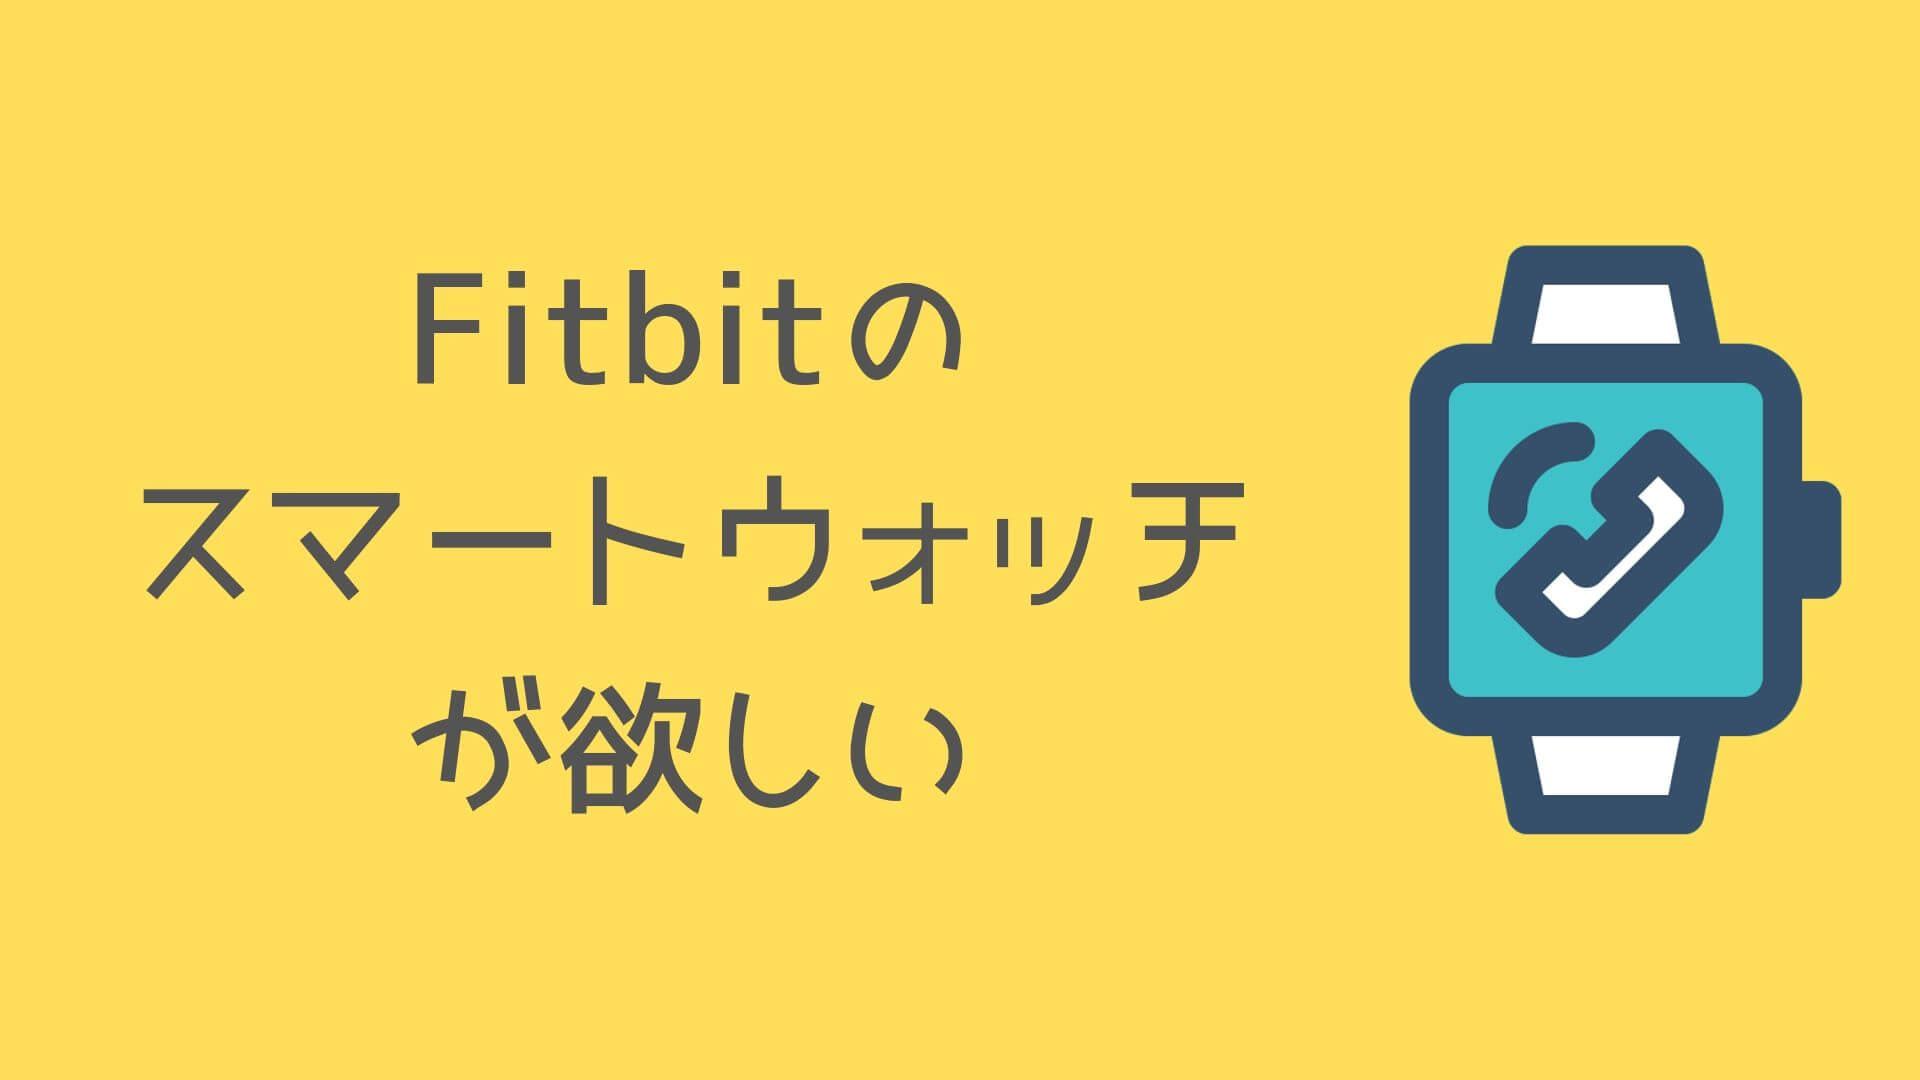 Fitbitの スマートウォッチ が欲しい